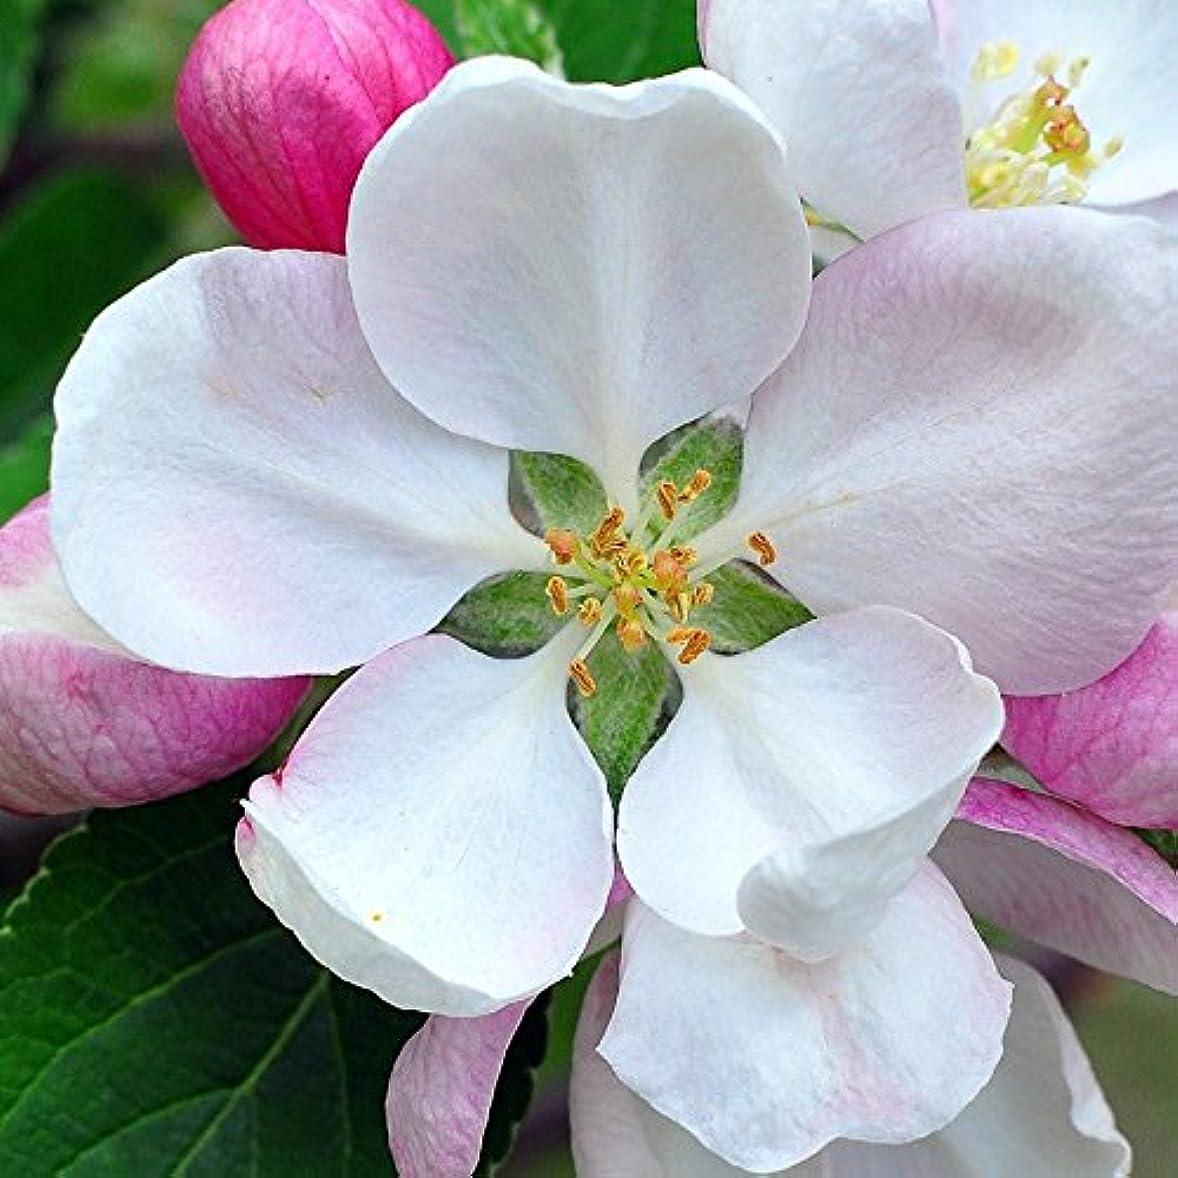 突破口スリンク幻影アロマフレグランスオイル 日本モクレン(Japanese Magnolia)